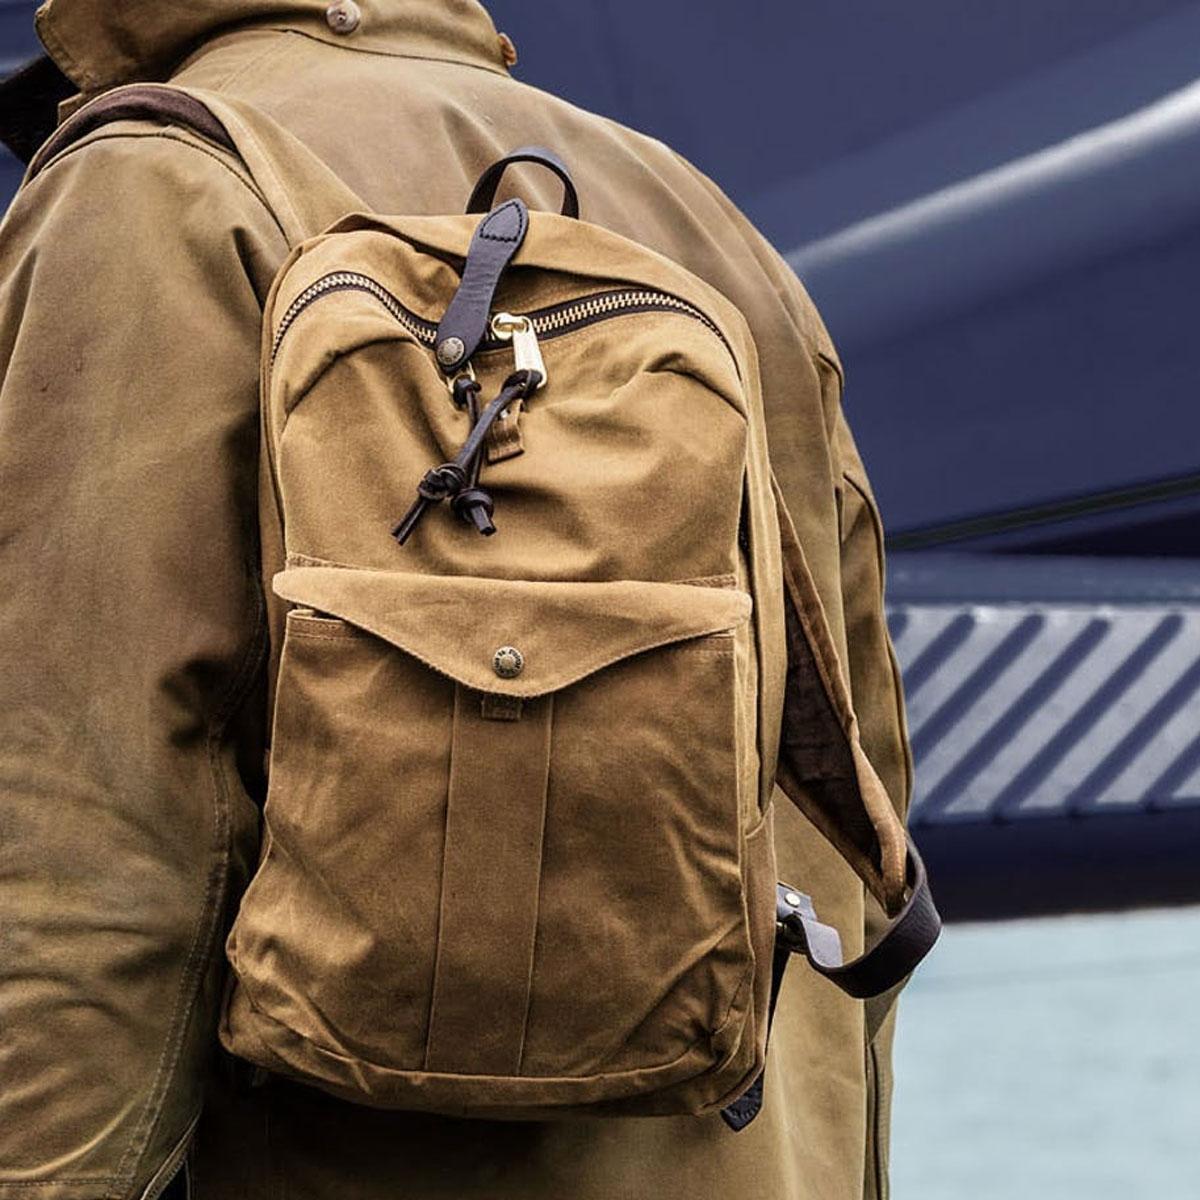 Filson Journeyman Backpack 11070307 Tan, der beste Rucksack für Ihr Vintage-Outfit